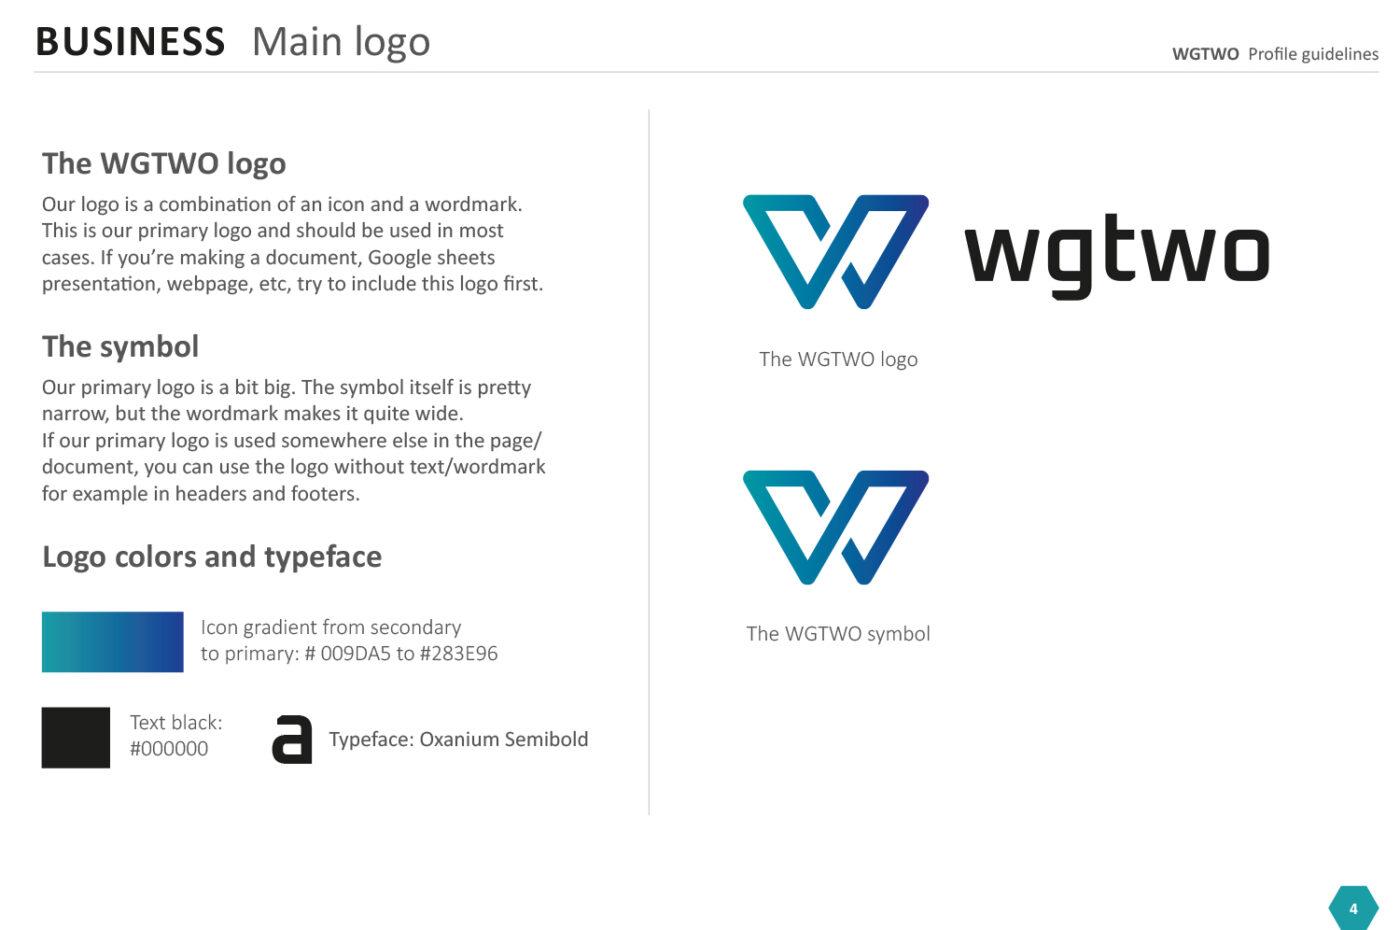 WGTWO, designmanual